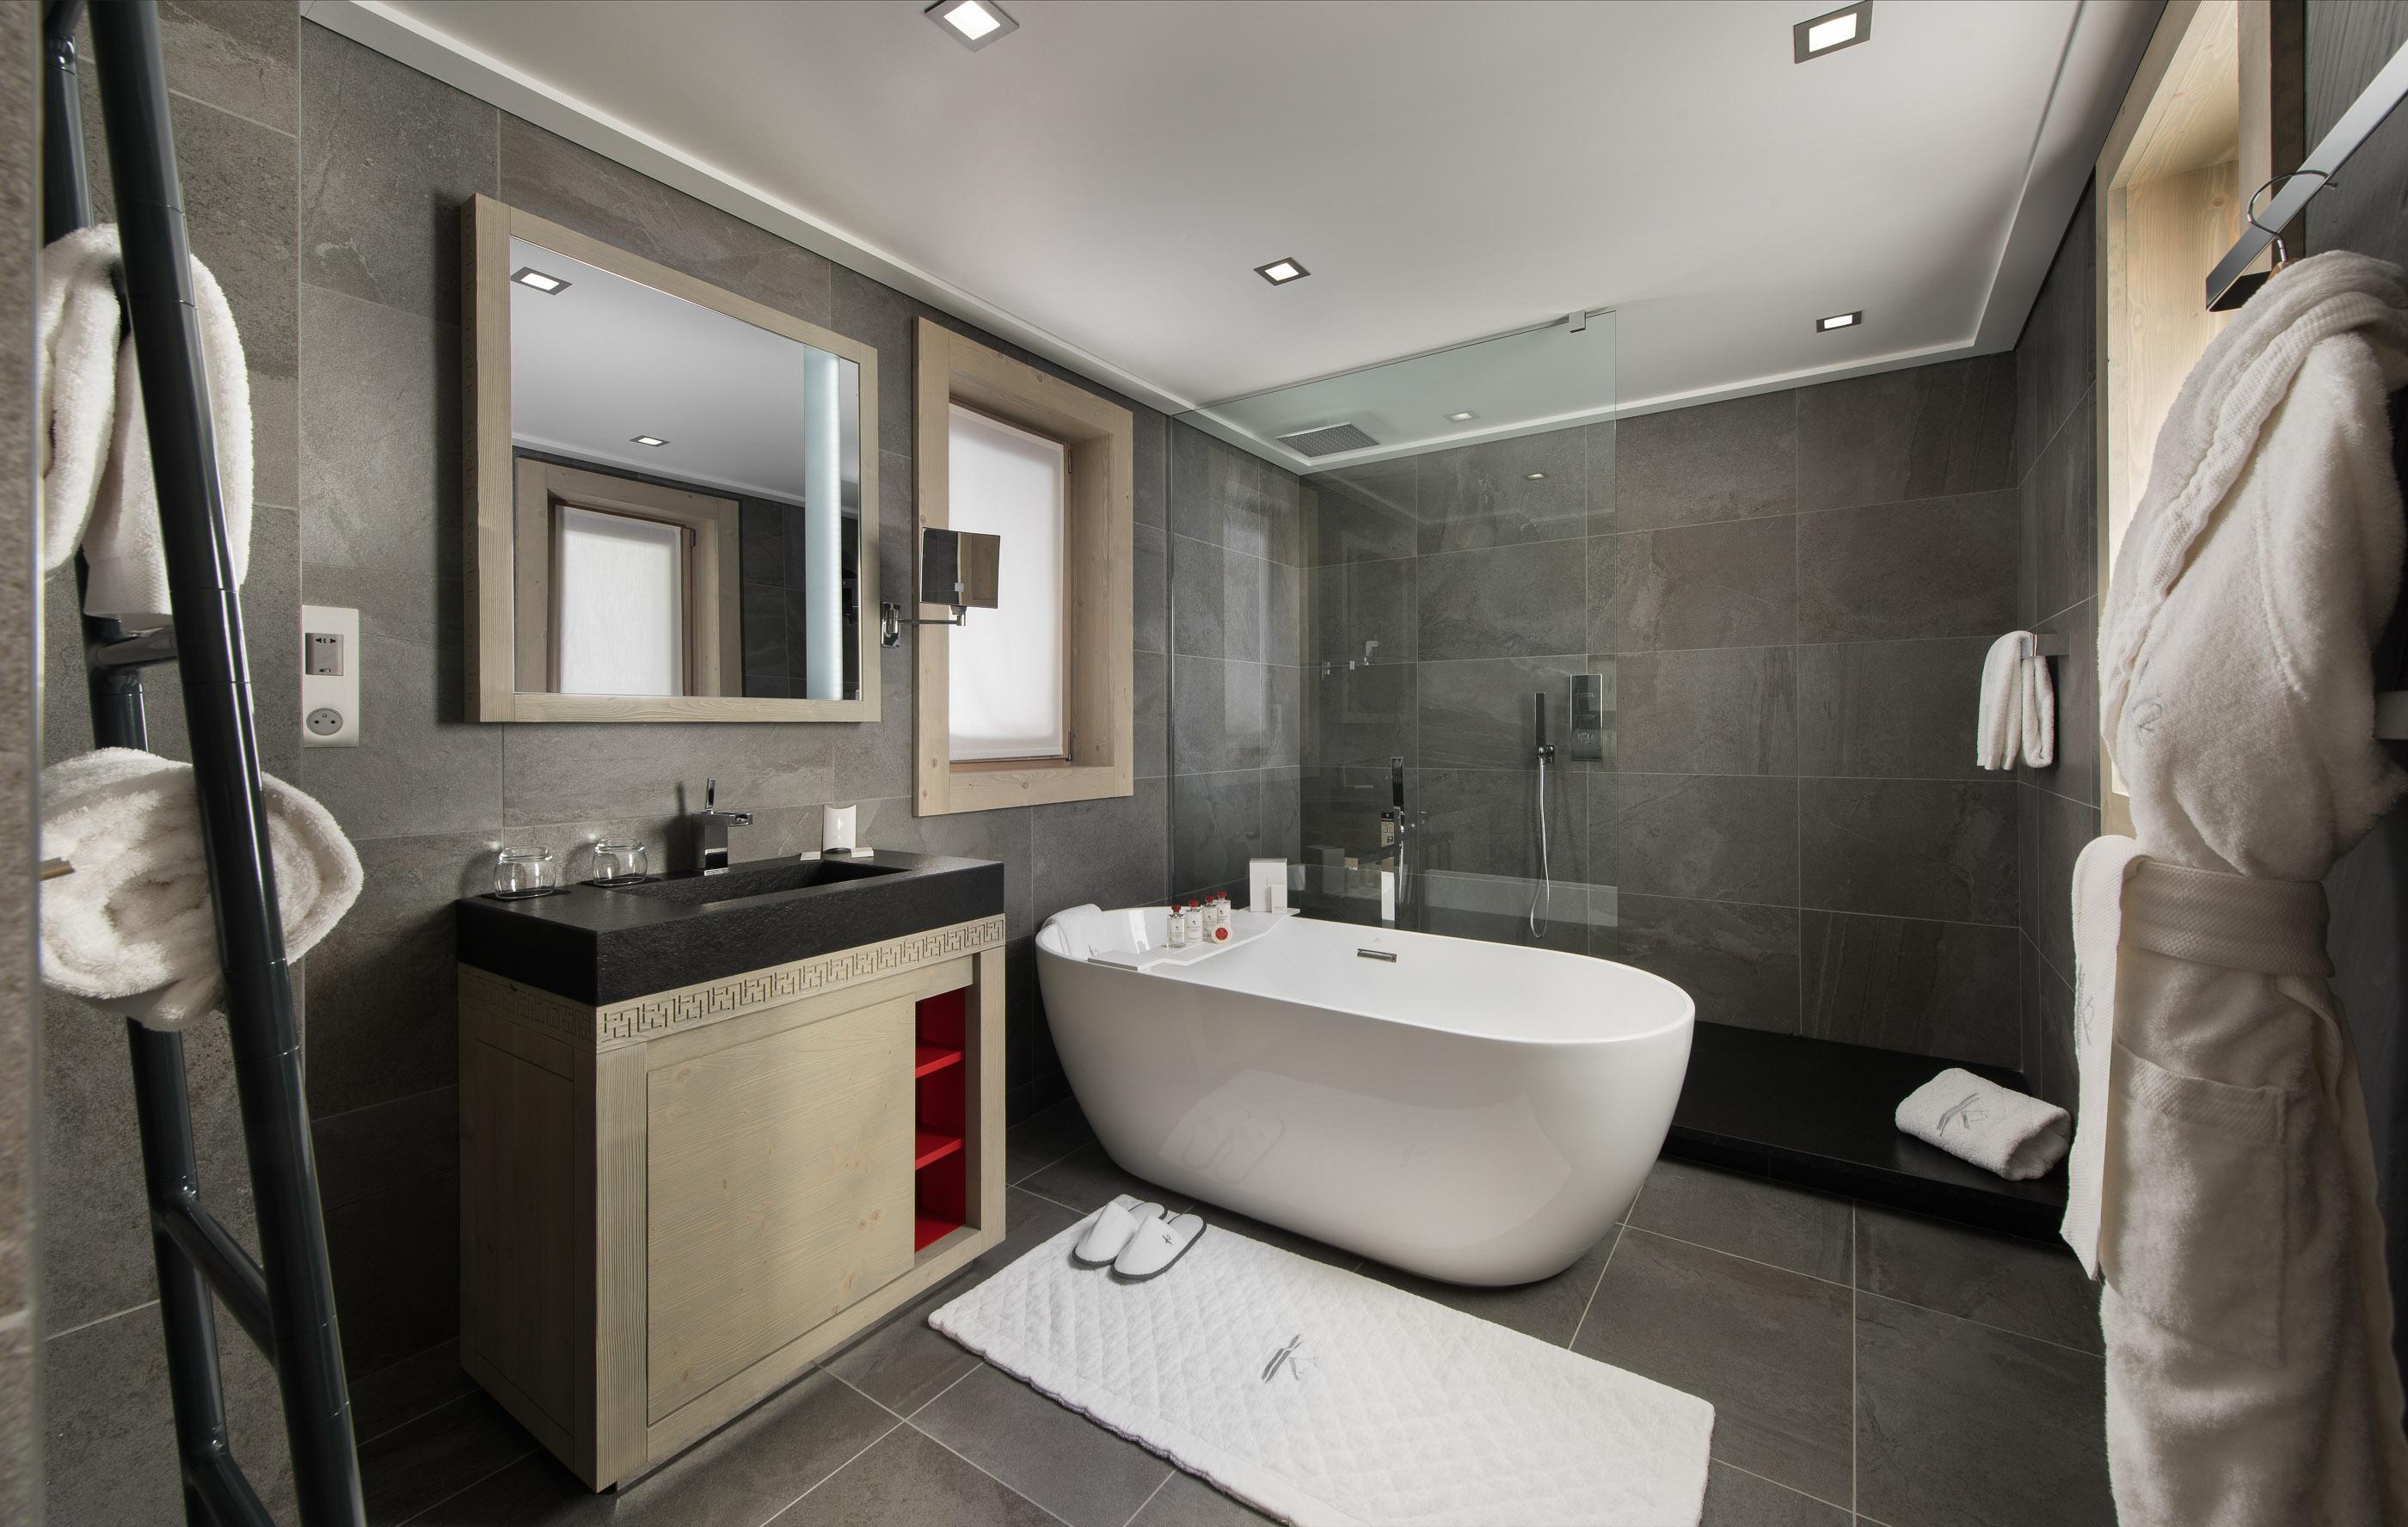 K2 Djola Salle de bain